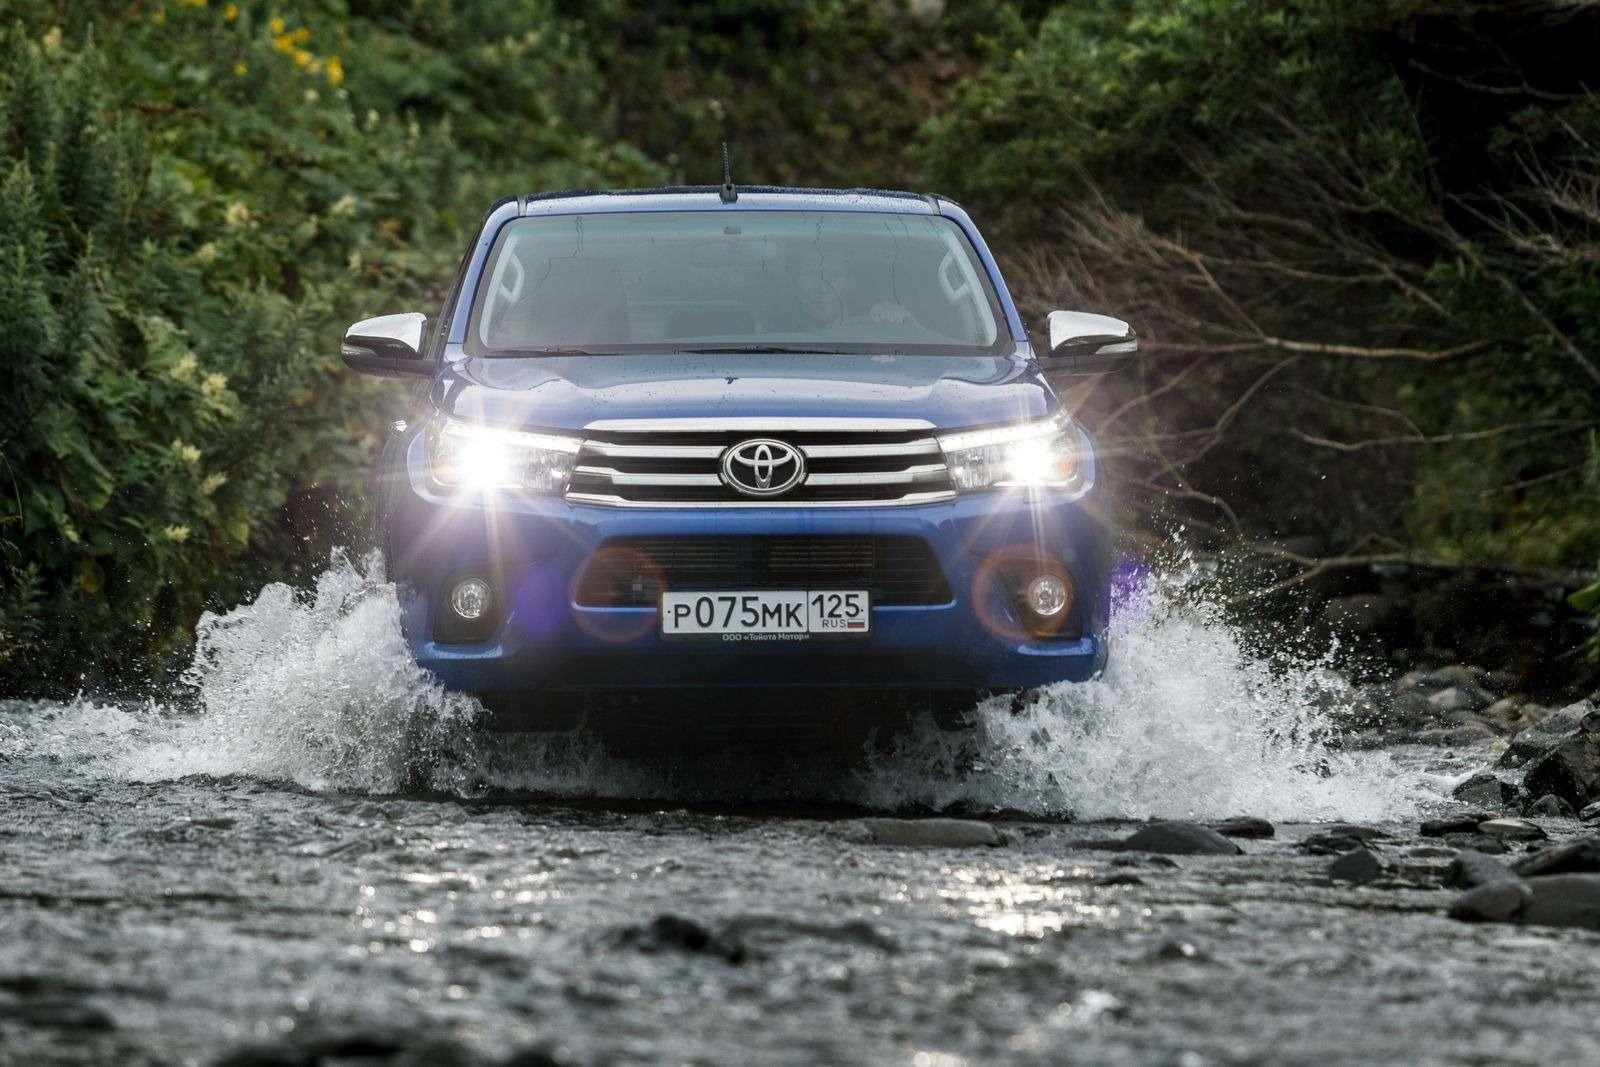 Toyota начала продажи нового поколения пикапа Hilux вРоссии— фото 388057